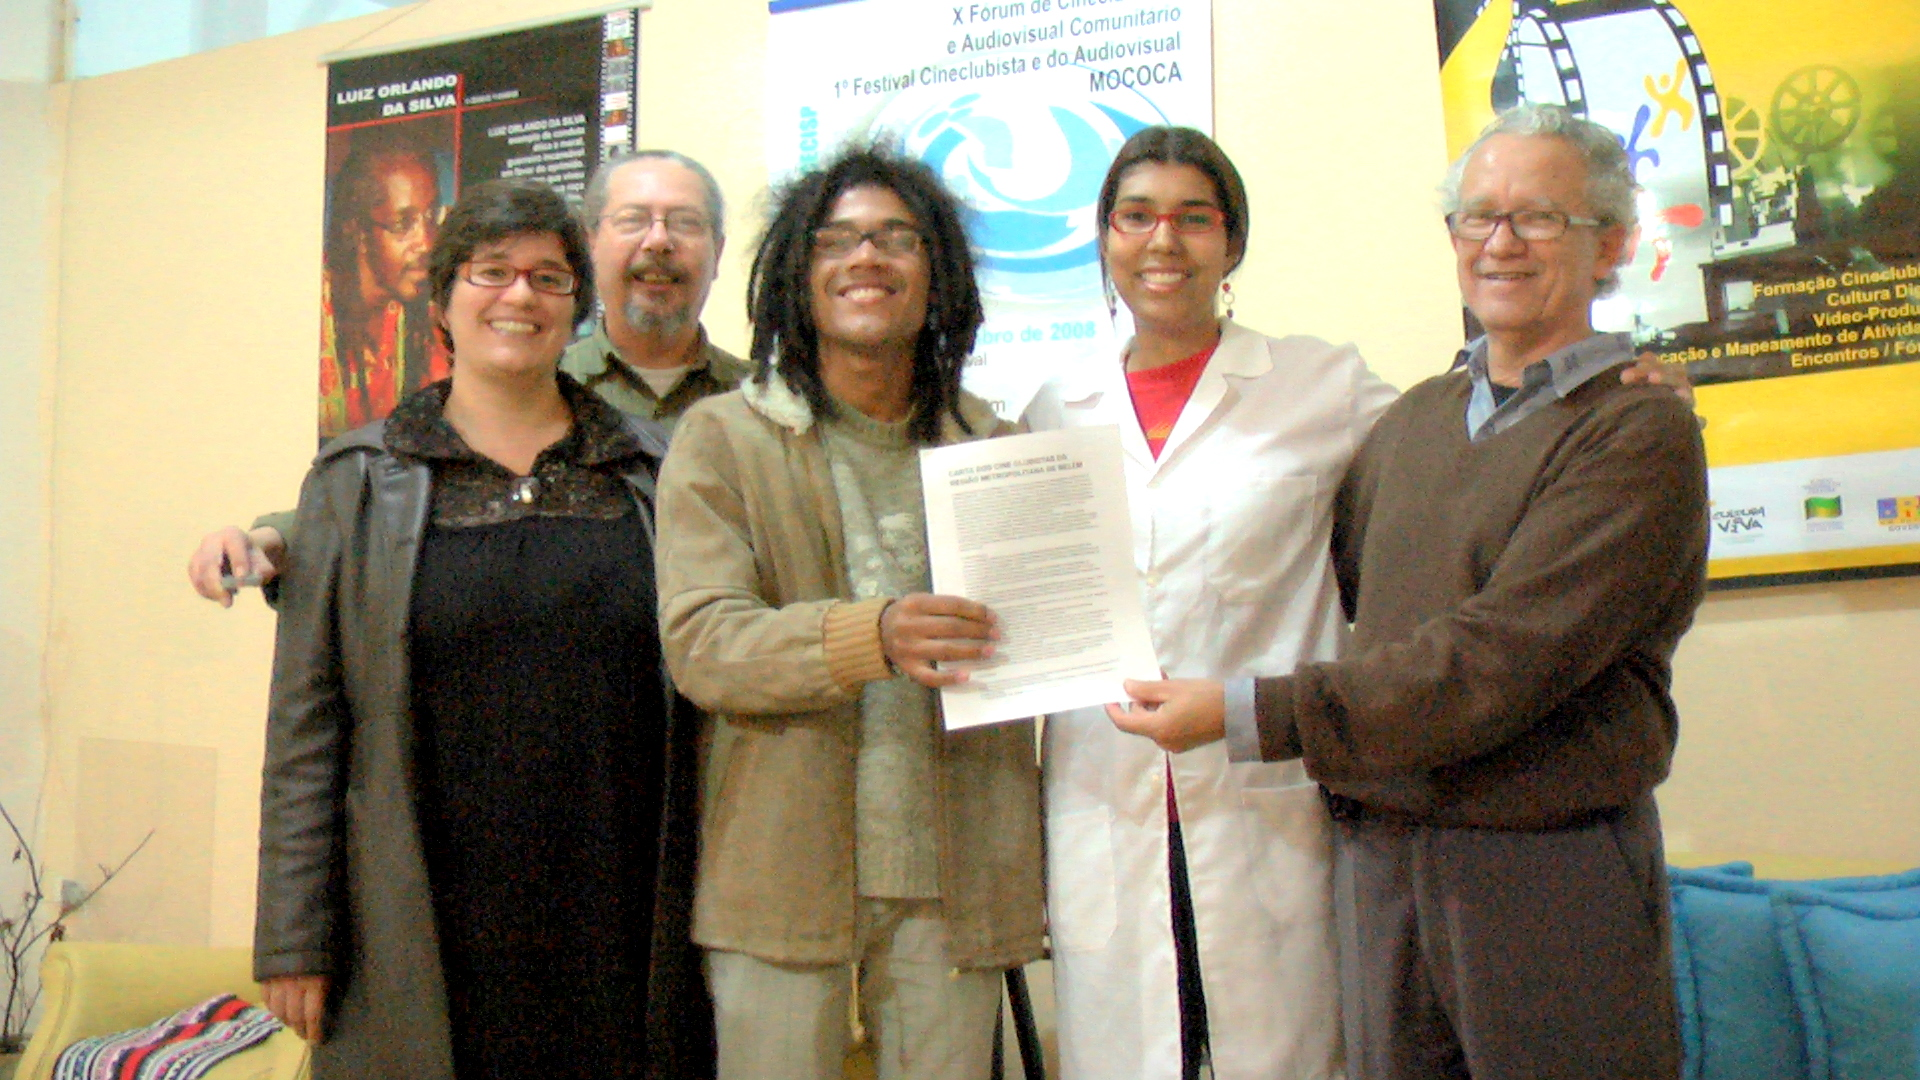 Gestor do Cineclube Rede Norte entrega Carta dos Cineclubistas de Belém ao Presidente do Centro Cineclubista de São Paulo.